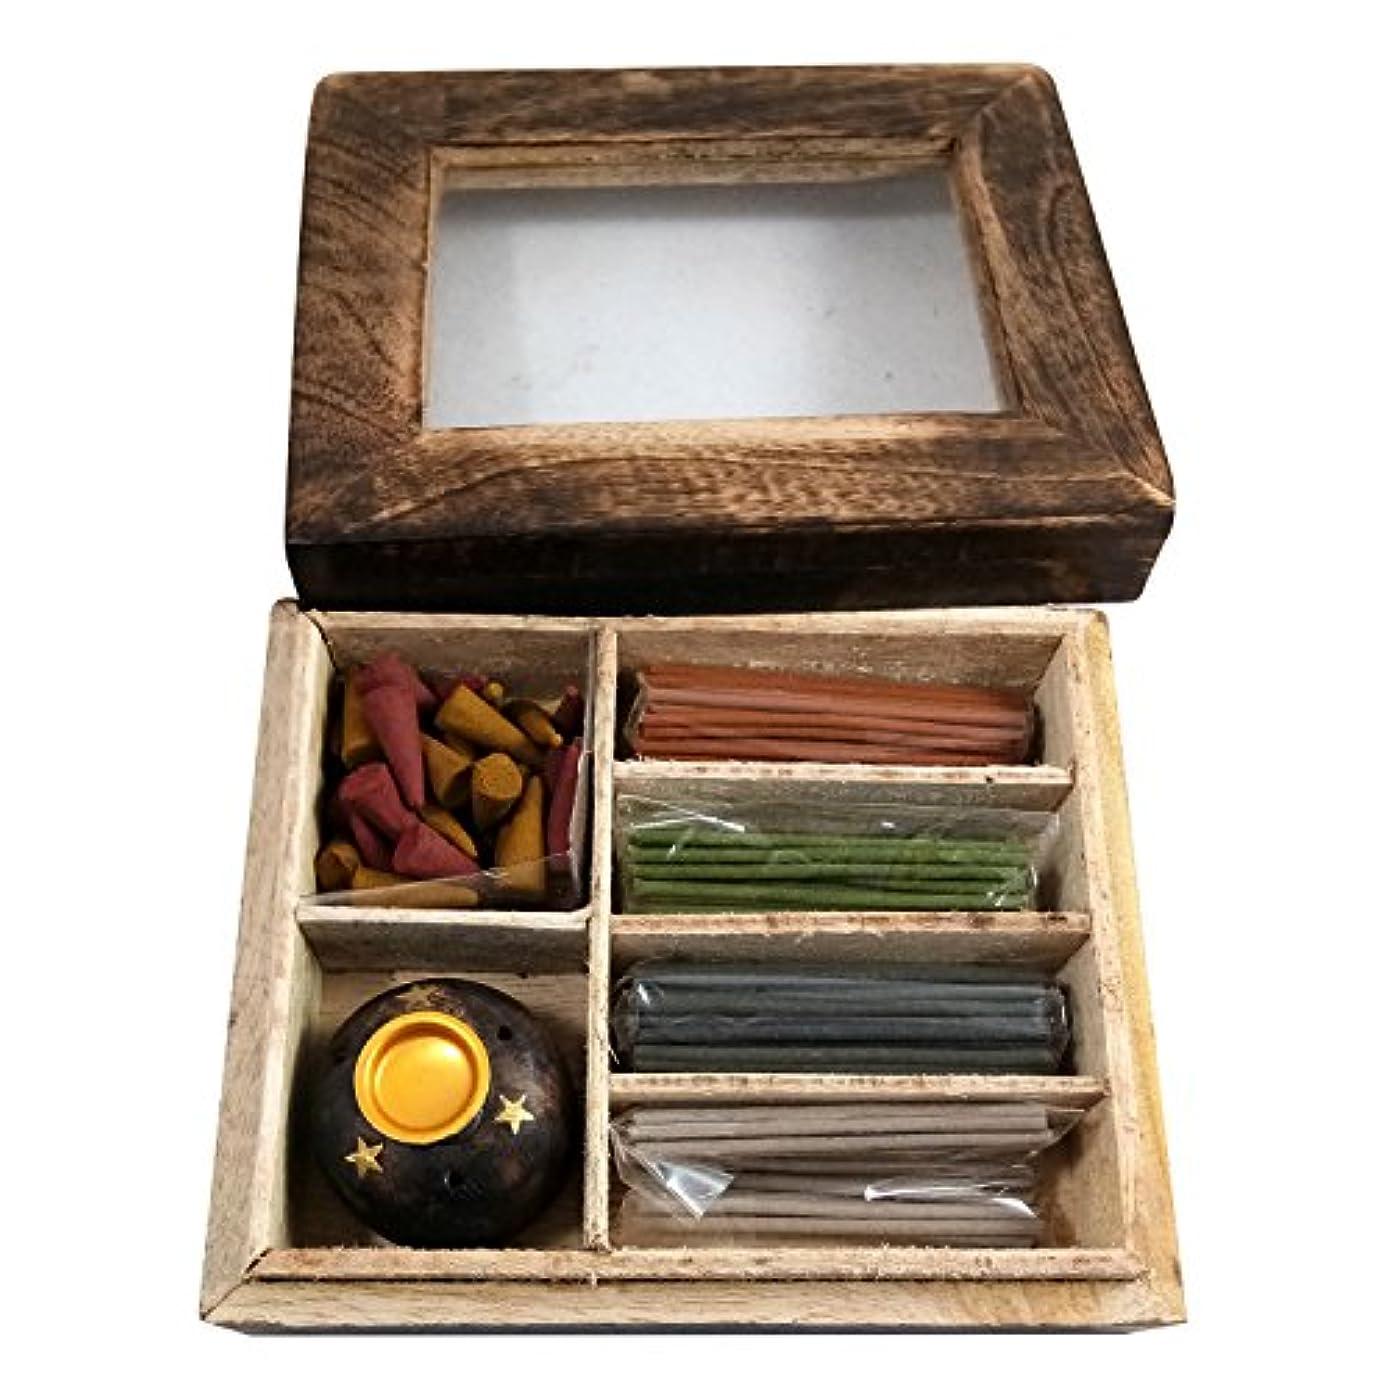 手作りの木製工芸品の香りスティックボックスギフトパックの用途ホームフレグランス目的、個人&企業の贈り物 スティック&スタンド付きスティックギフトパック